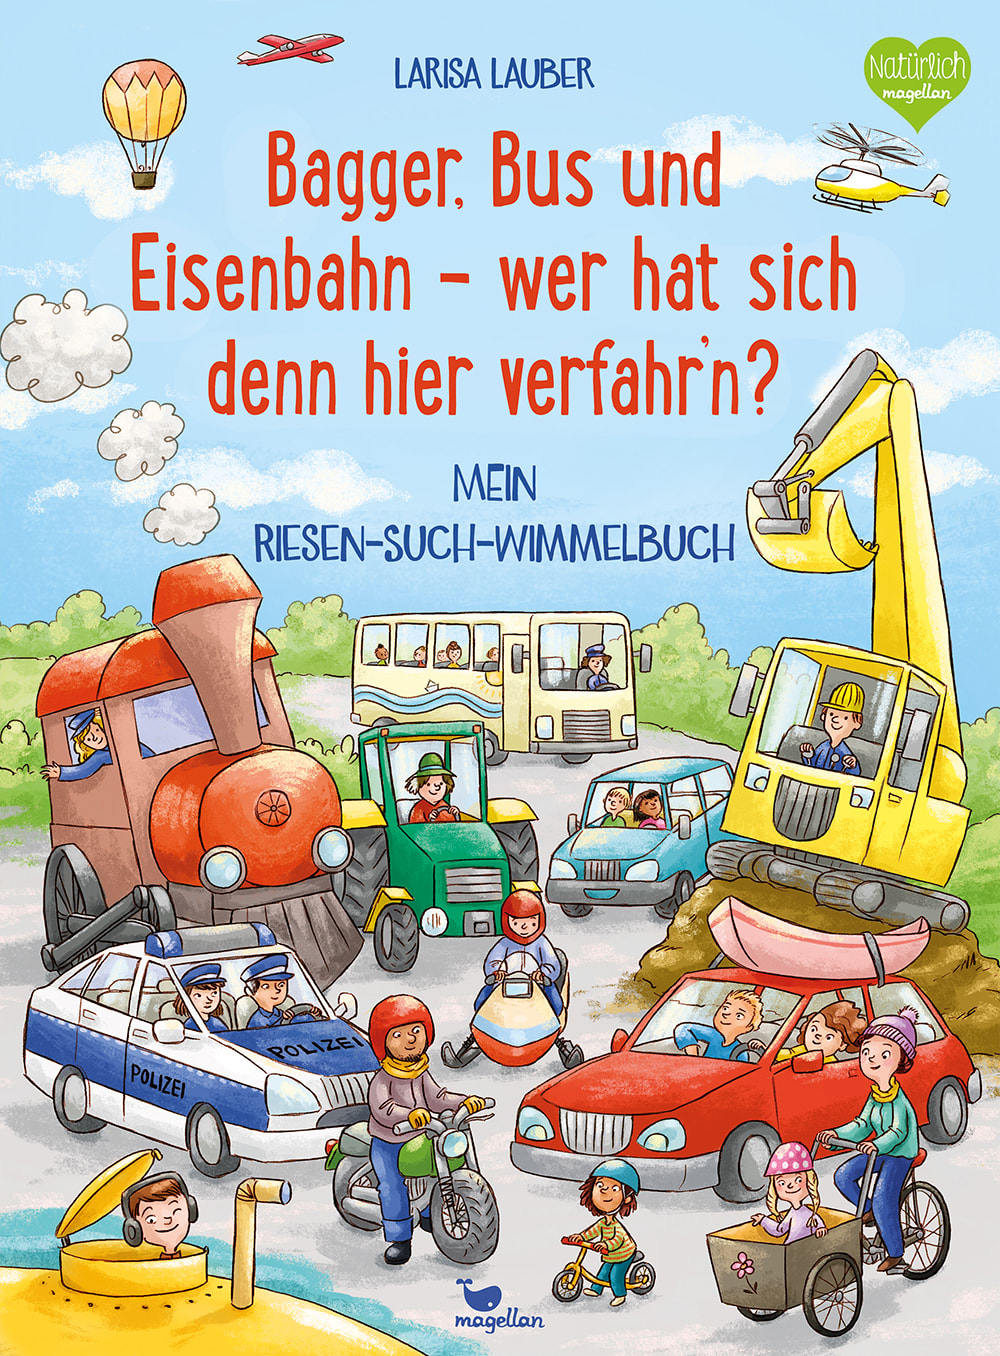 Cover Bagger, Bus und Eisenbahn Wer hat sich denn hier verfahr'n Riesensuchwimmelbuch Pappbilderbuch von Larisa Lauber